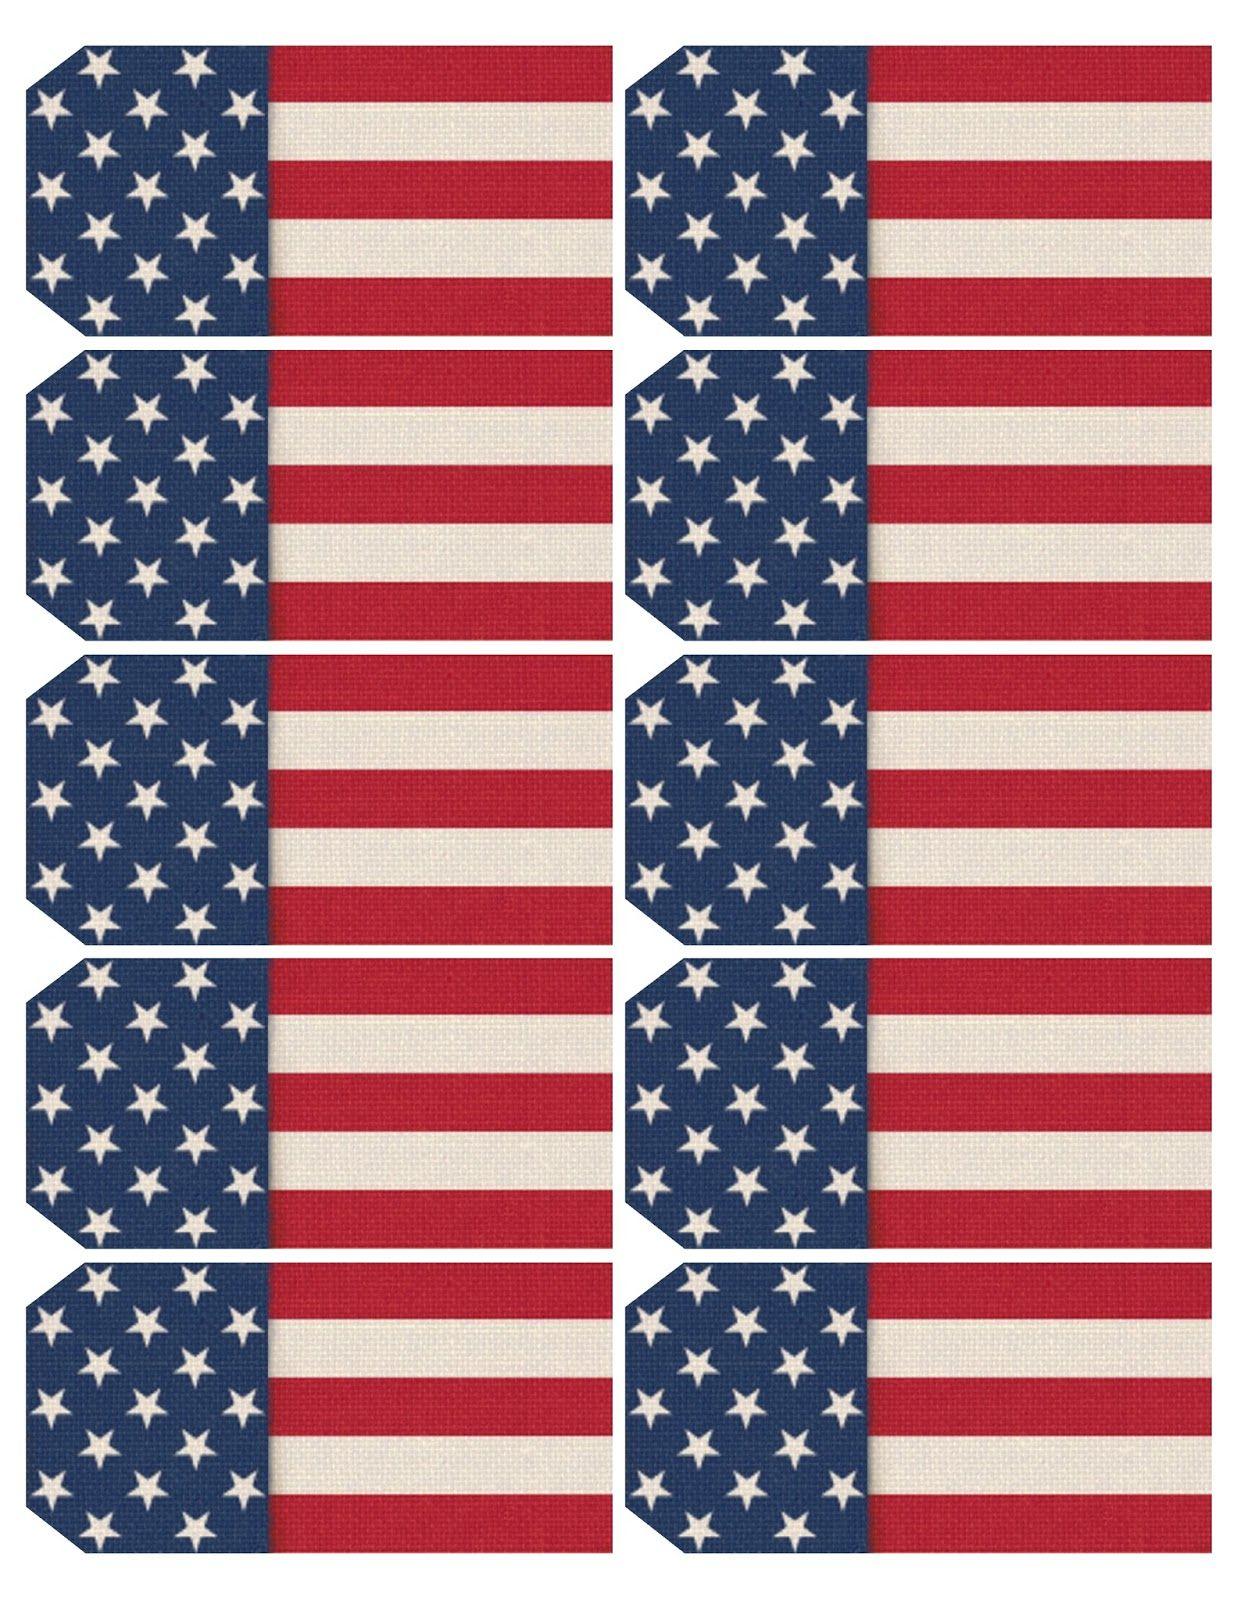 Printable Sheet Of 10 Patriotic Usa Flag Themed Tags